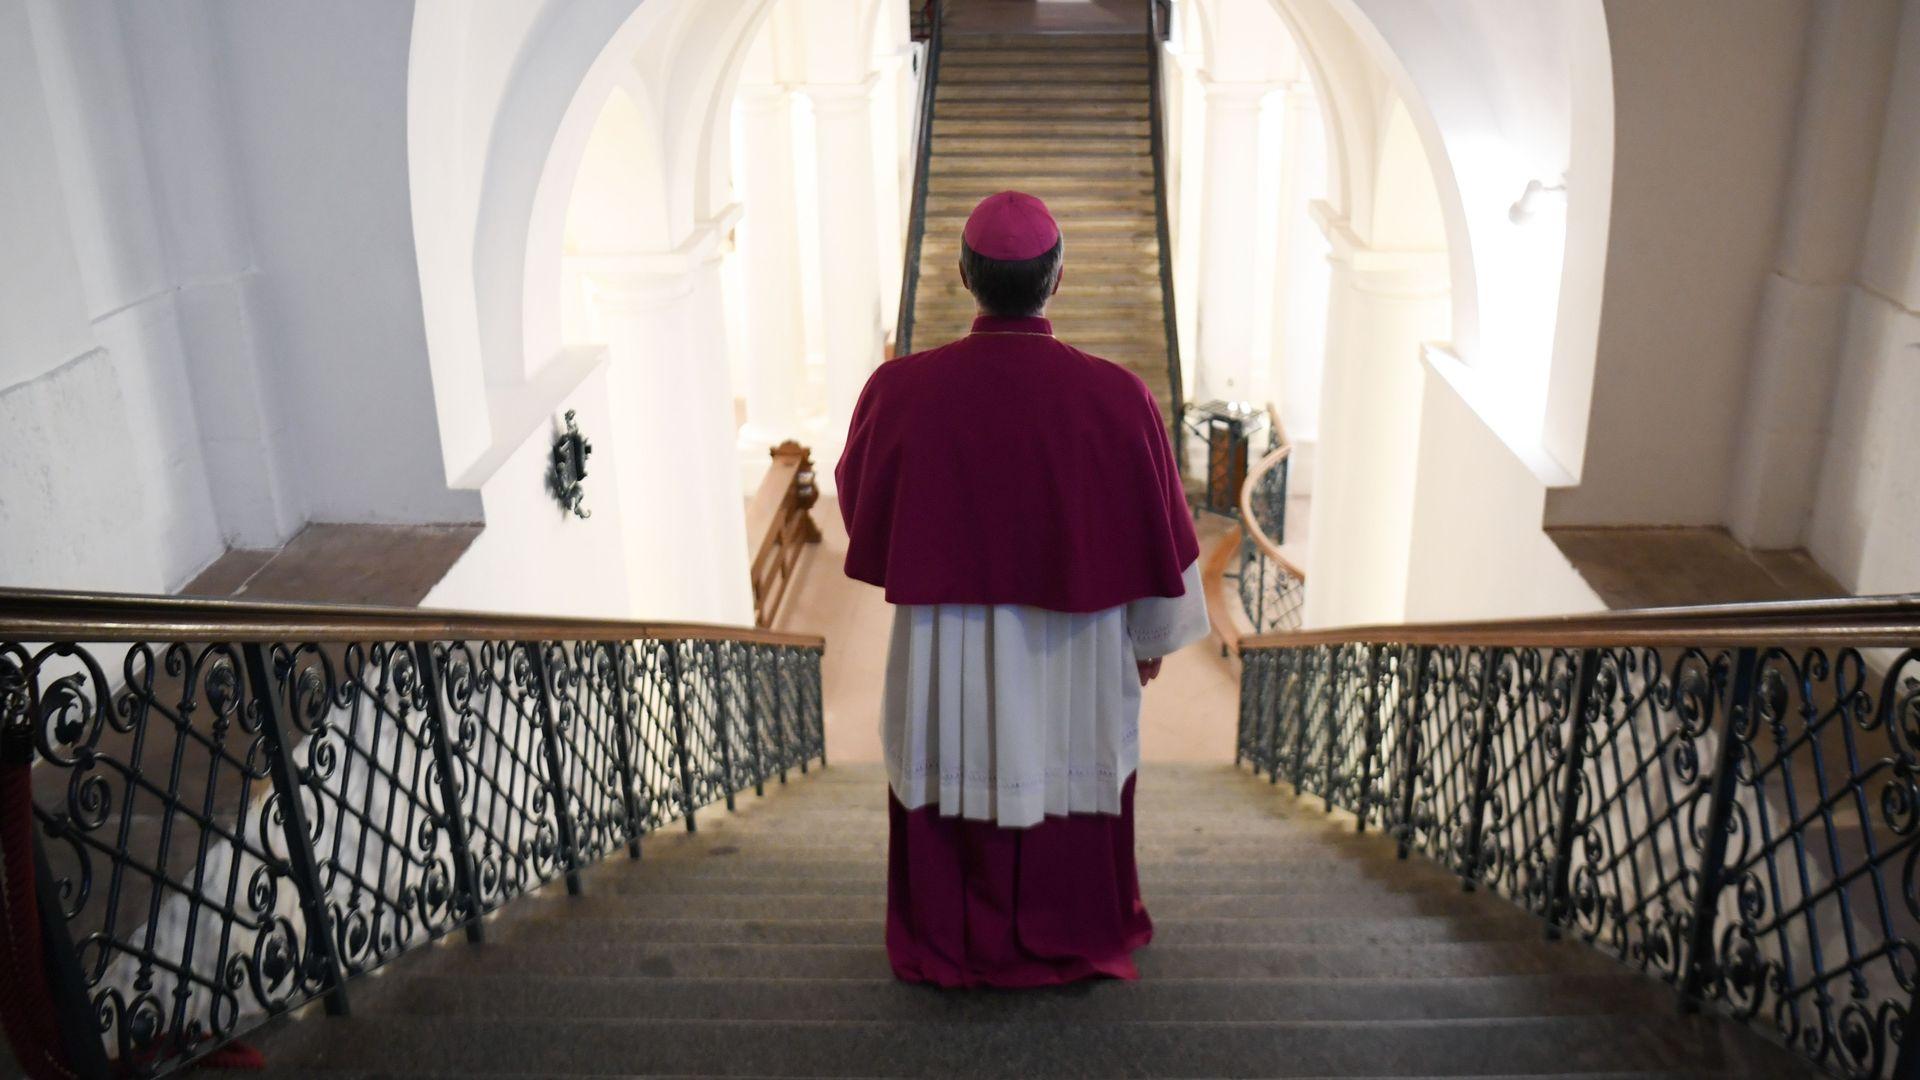 a german bishop is seen from behind